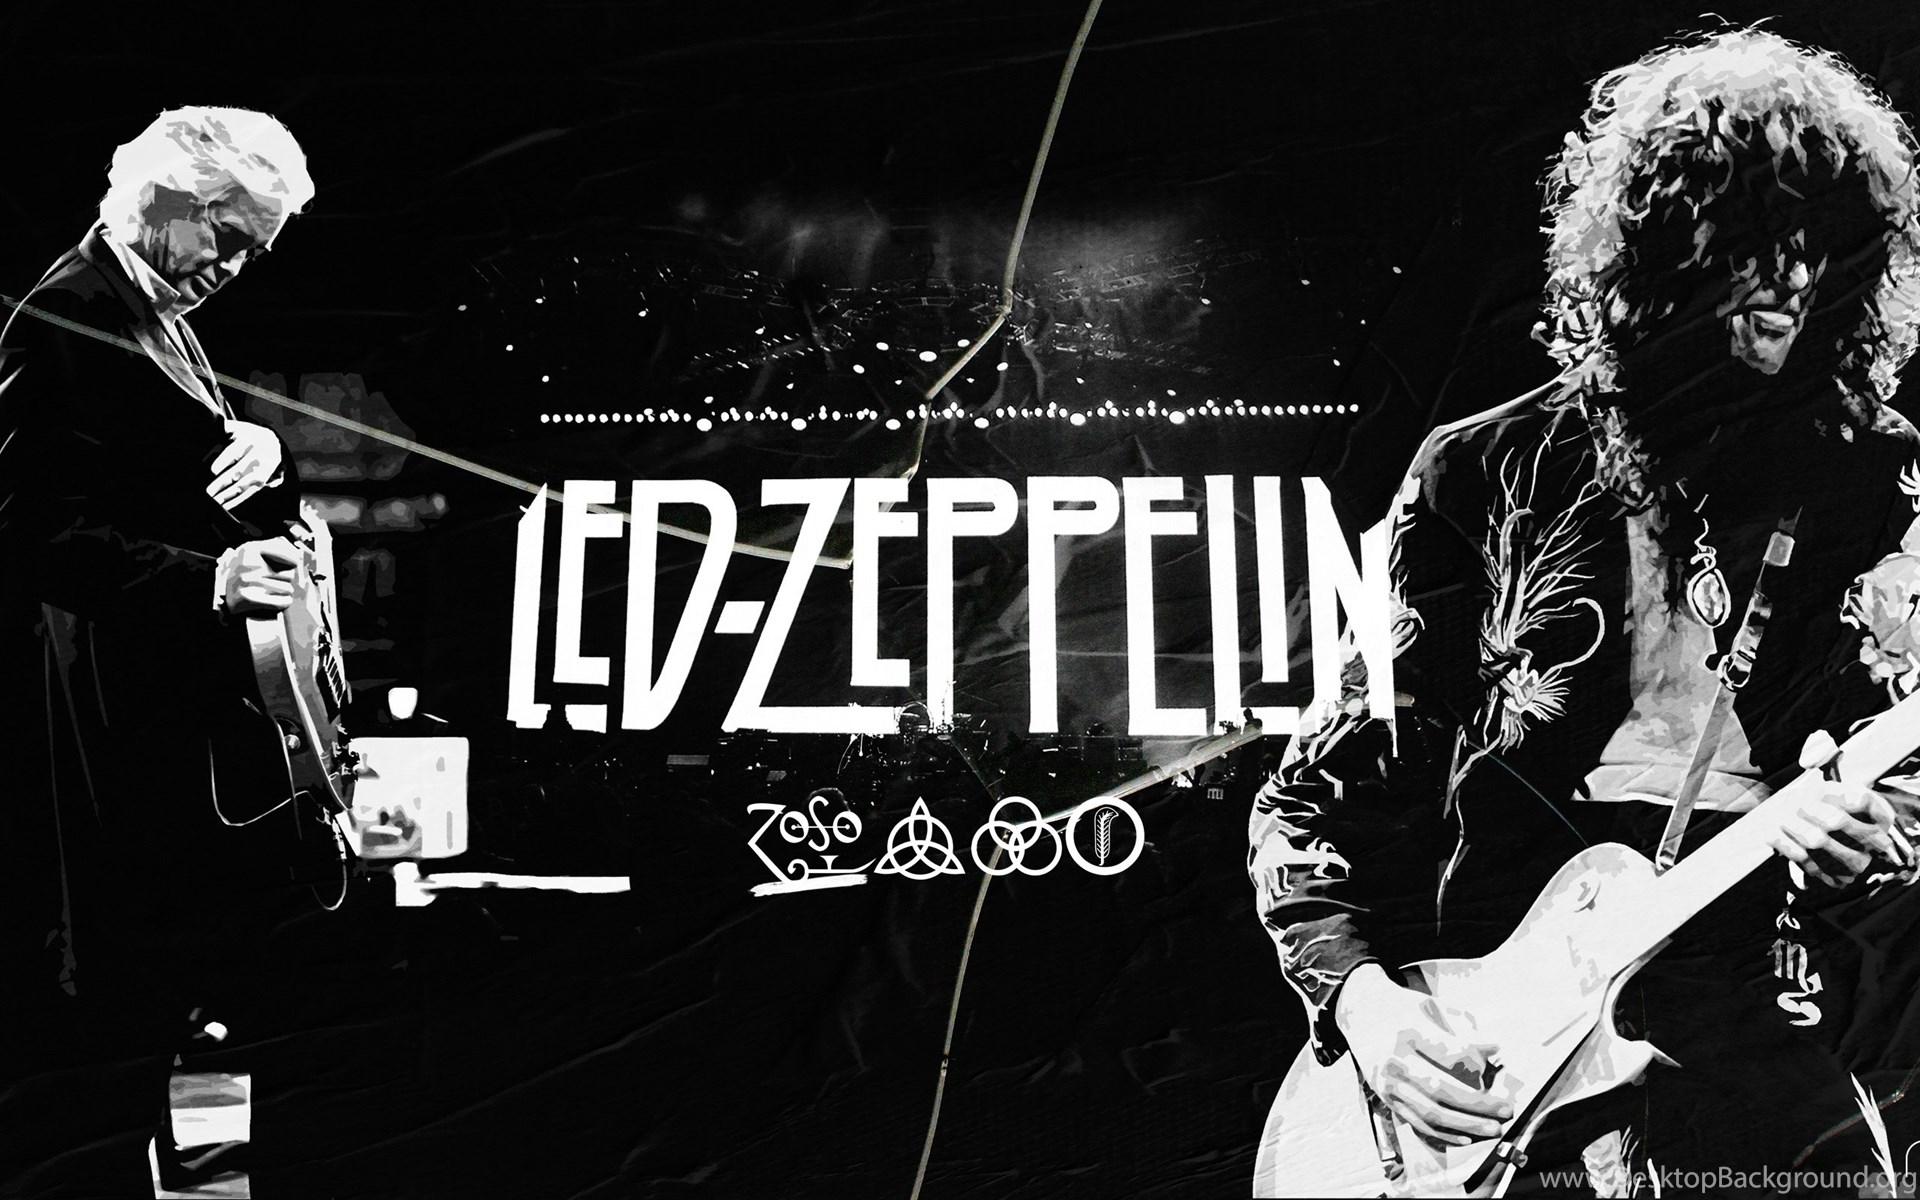 Led Zeppelin Wallpapers Hd Images Tbwnz.com Desktop Background